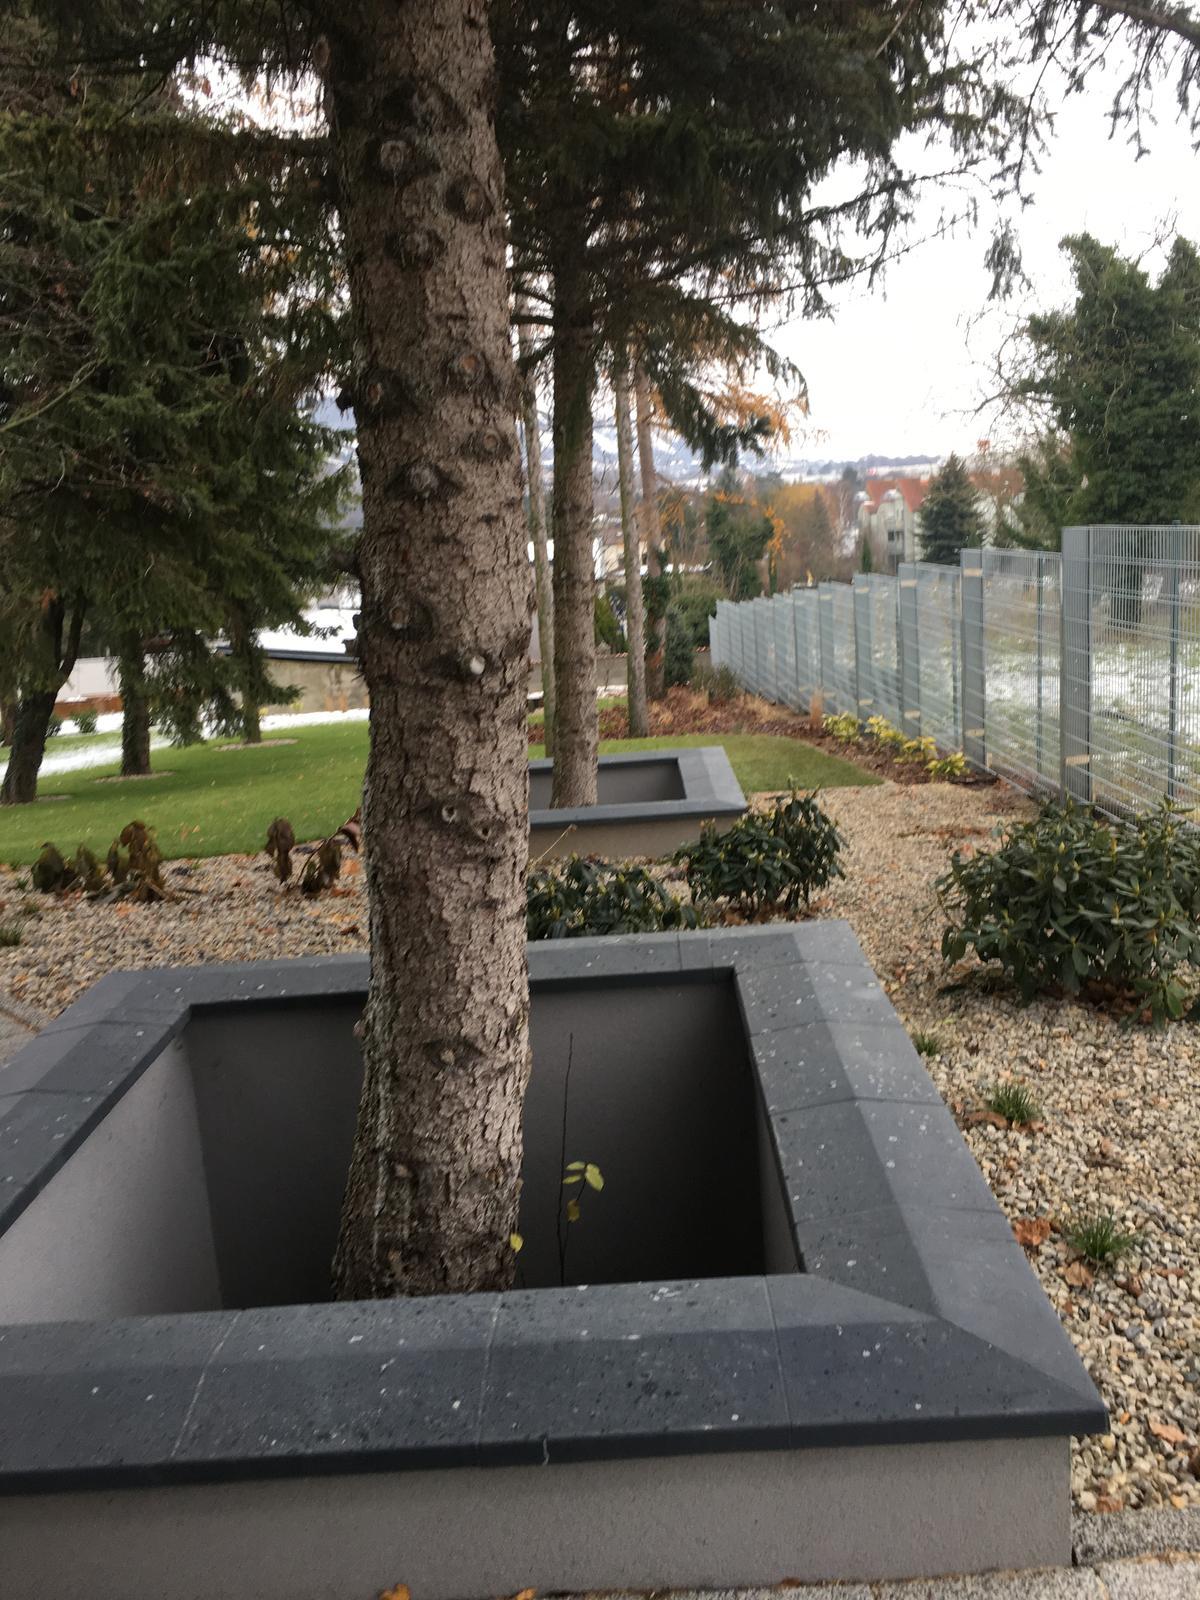 @lusia84 Ahoj, tak konecne mame postaveny plot, ale kamen sa bude sypat az buduci rok - potom dam vediet - Obrázok č. 2